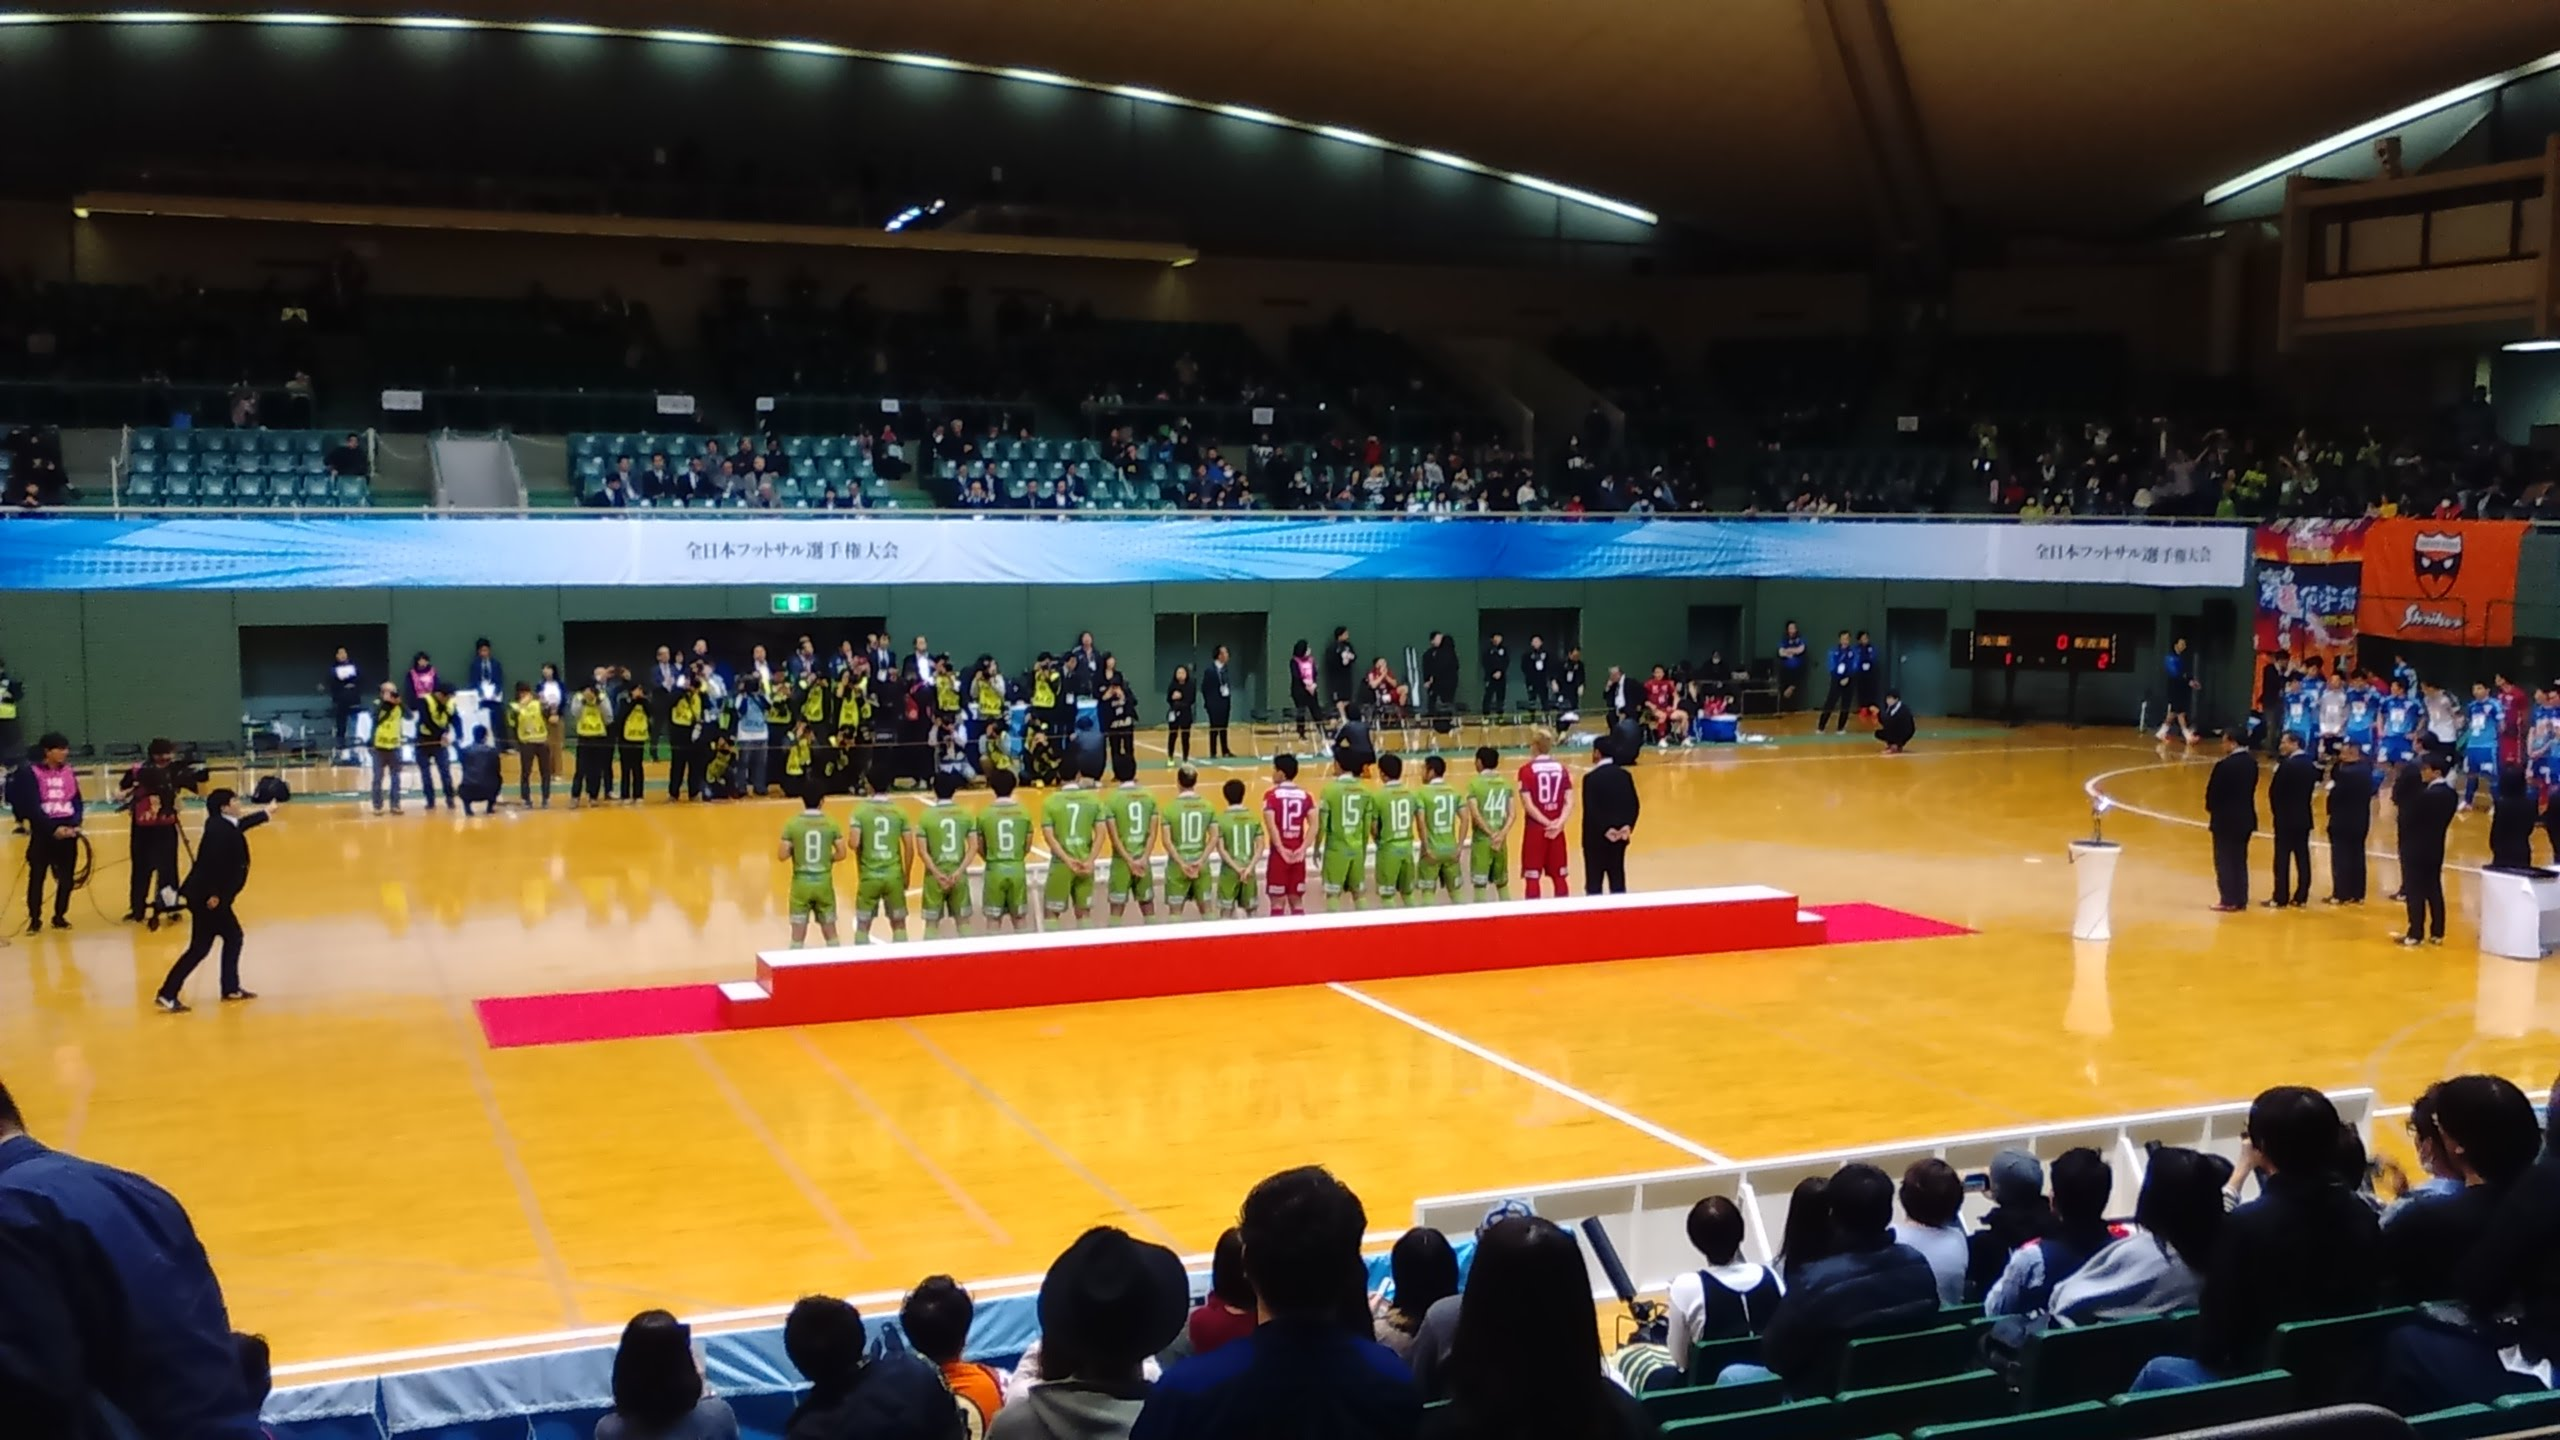 湘南ベルマーレフットサルクラブ、全日本フットサル選手権3位